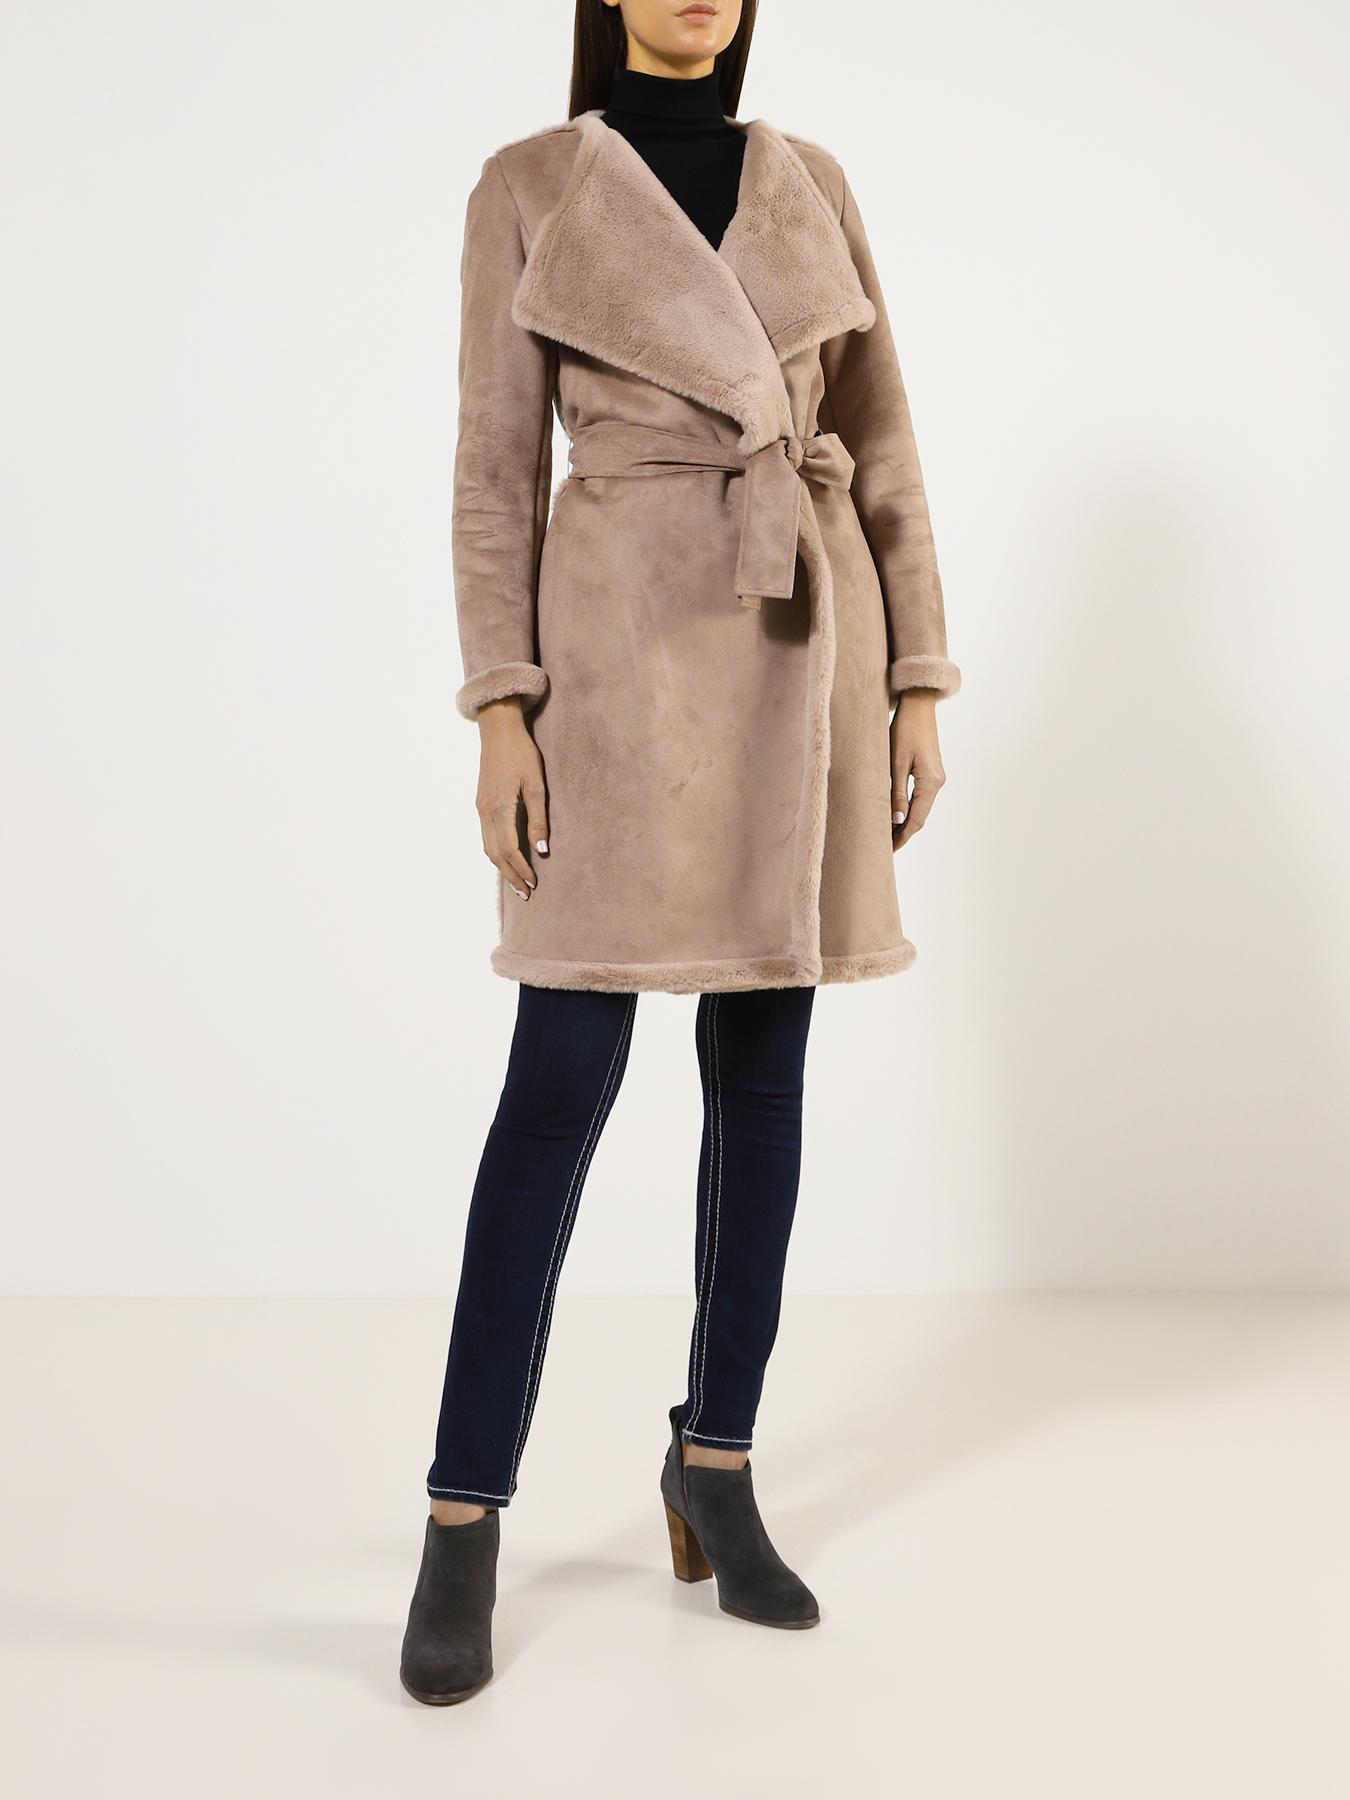 Пальто Emme Marella Дубленка Sabrina 12storeez дубленка с лацканами бежевый